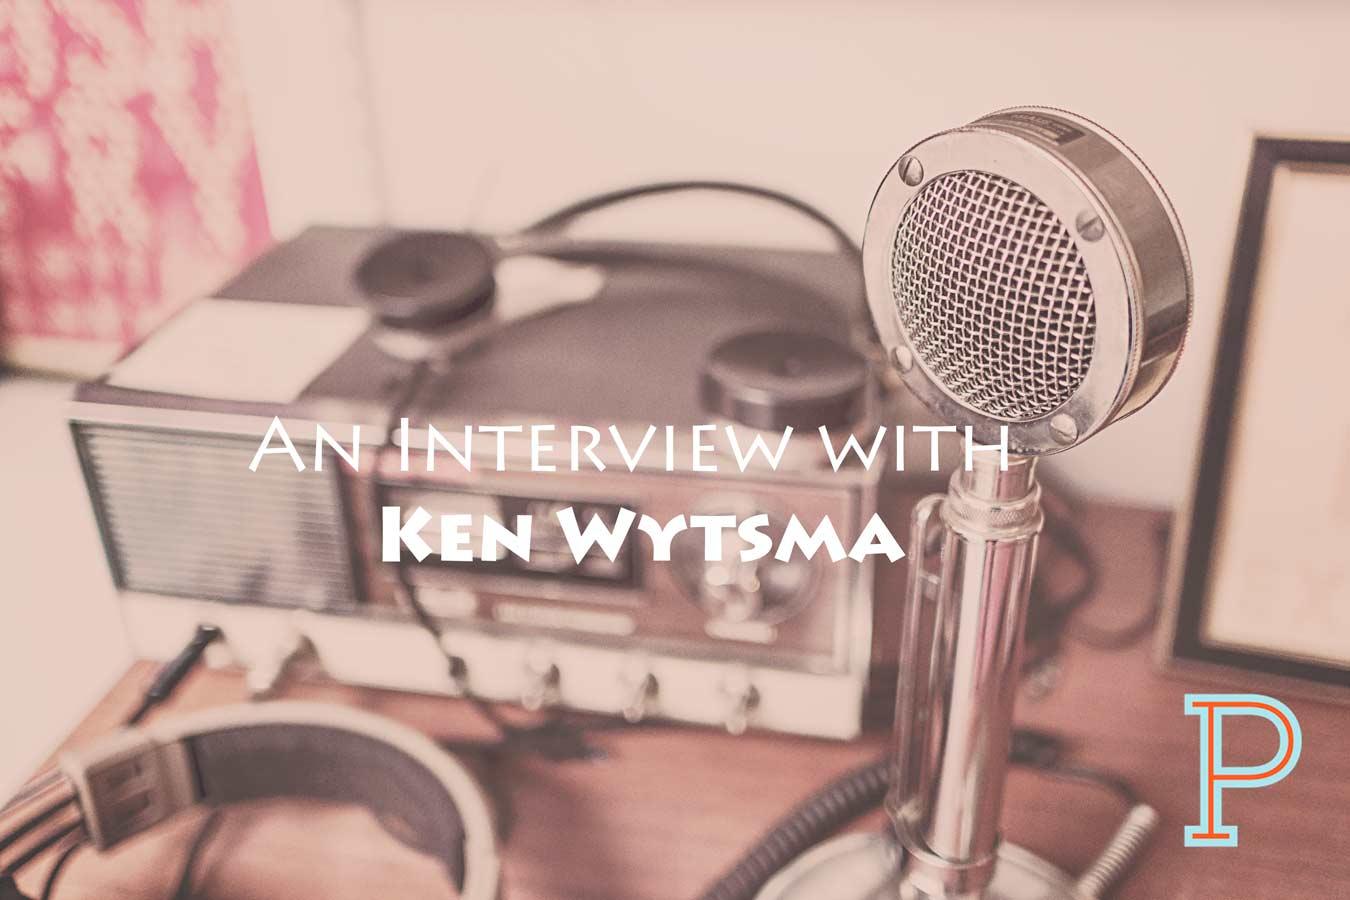 Ken-Wytsma-900